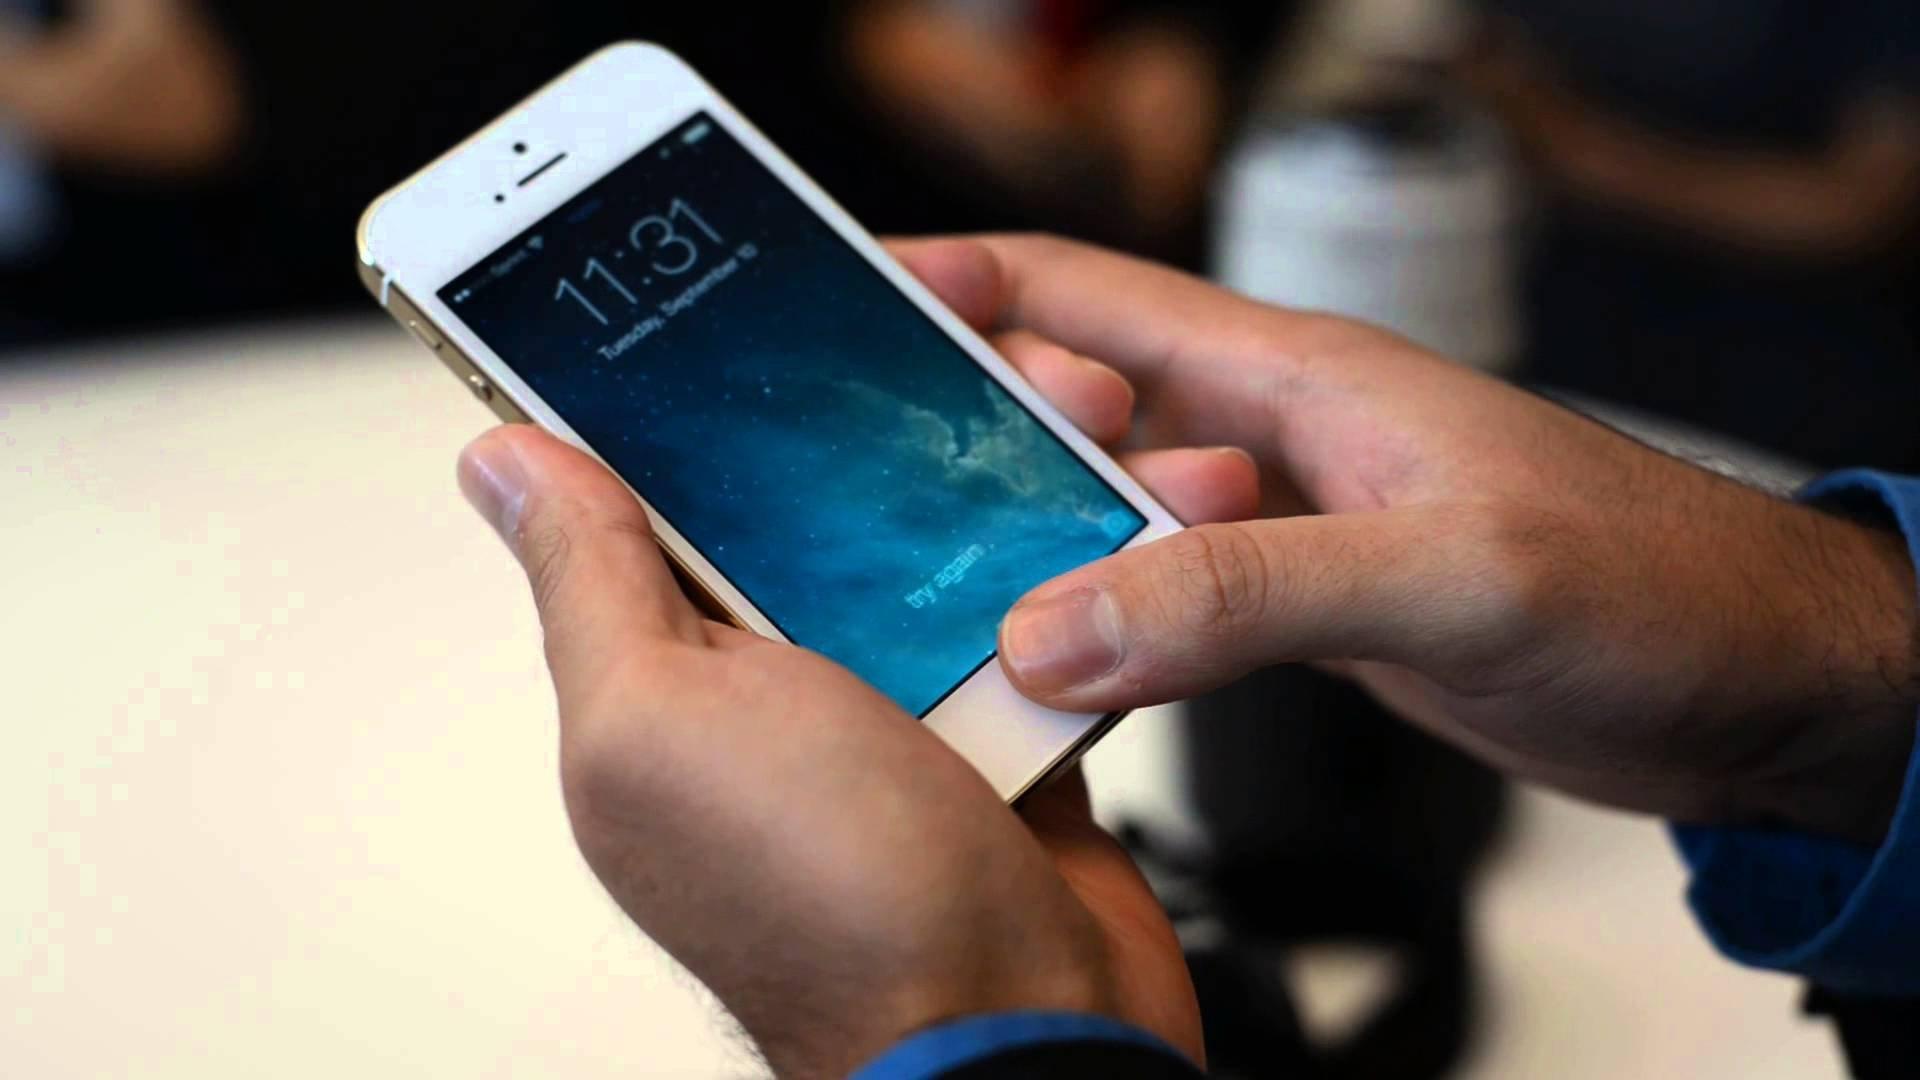 модель потеря качества фото айфон 7 простейший пример